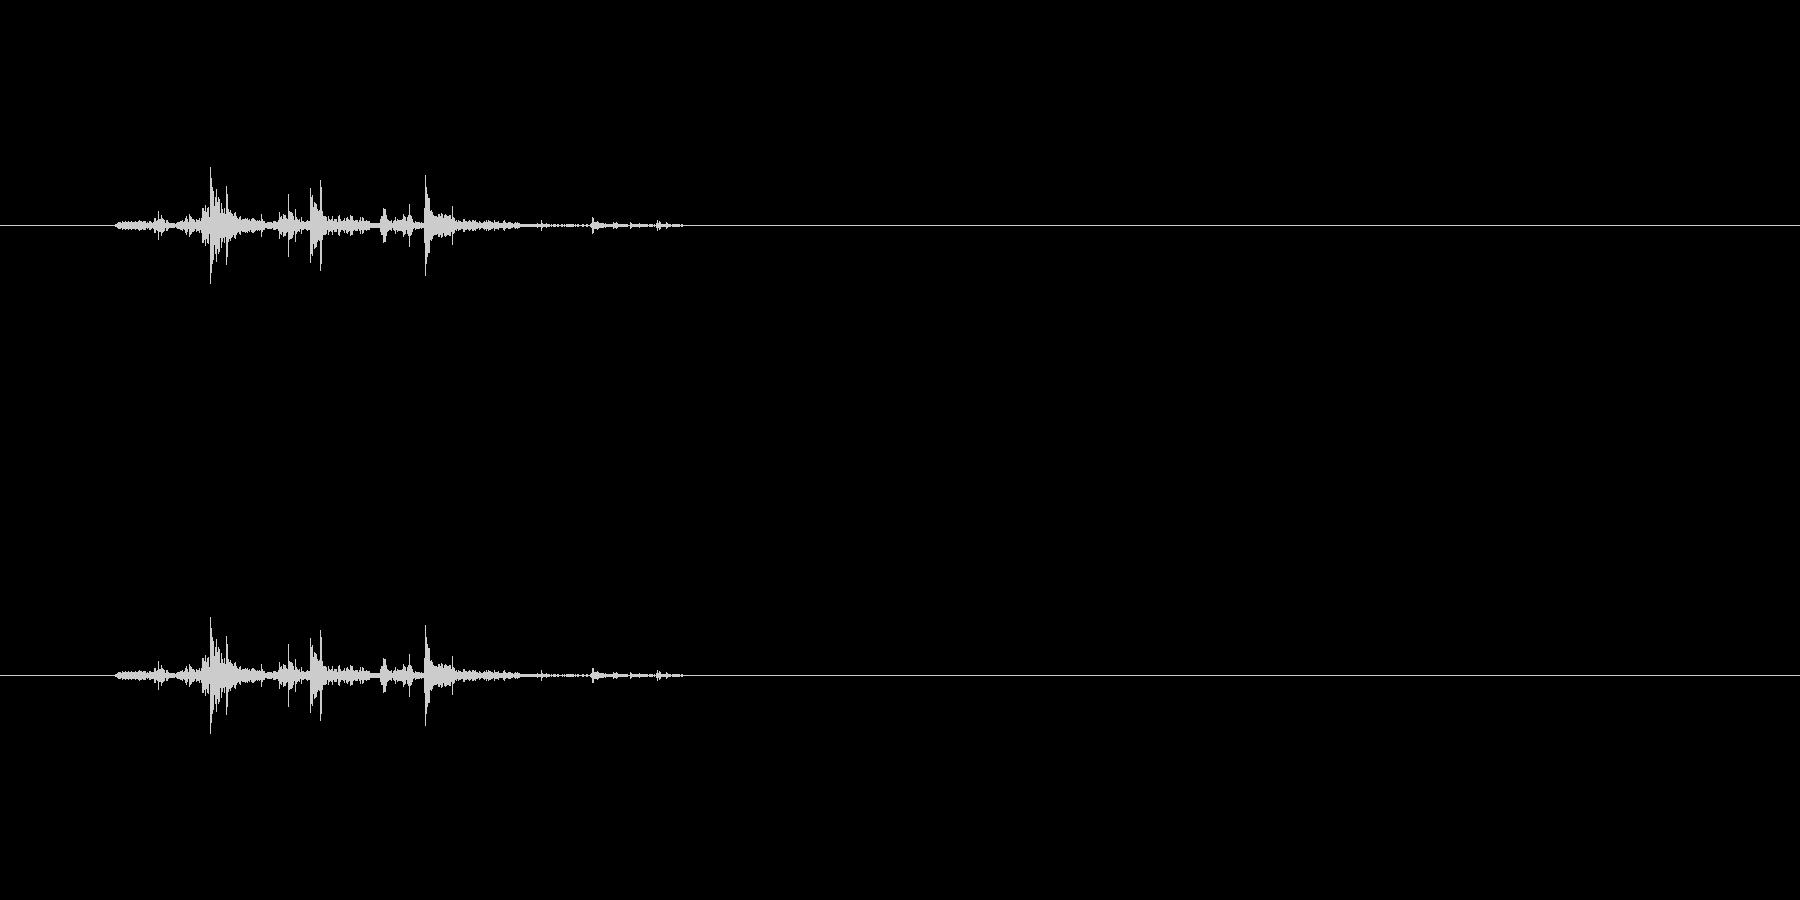 【筆箱02-5(ガサガサ)】の未再生の波形